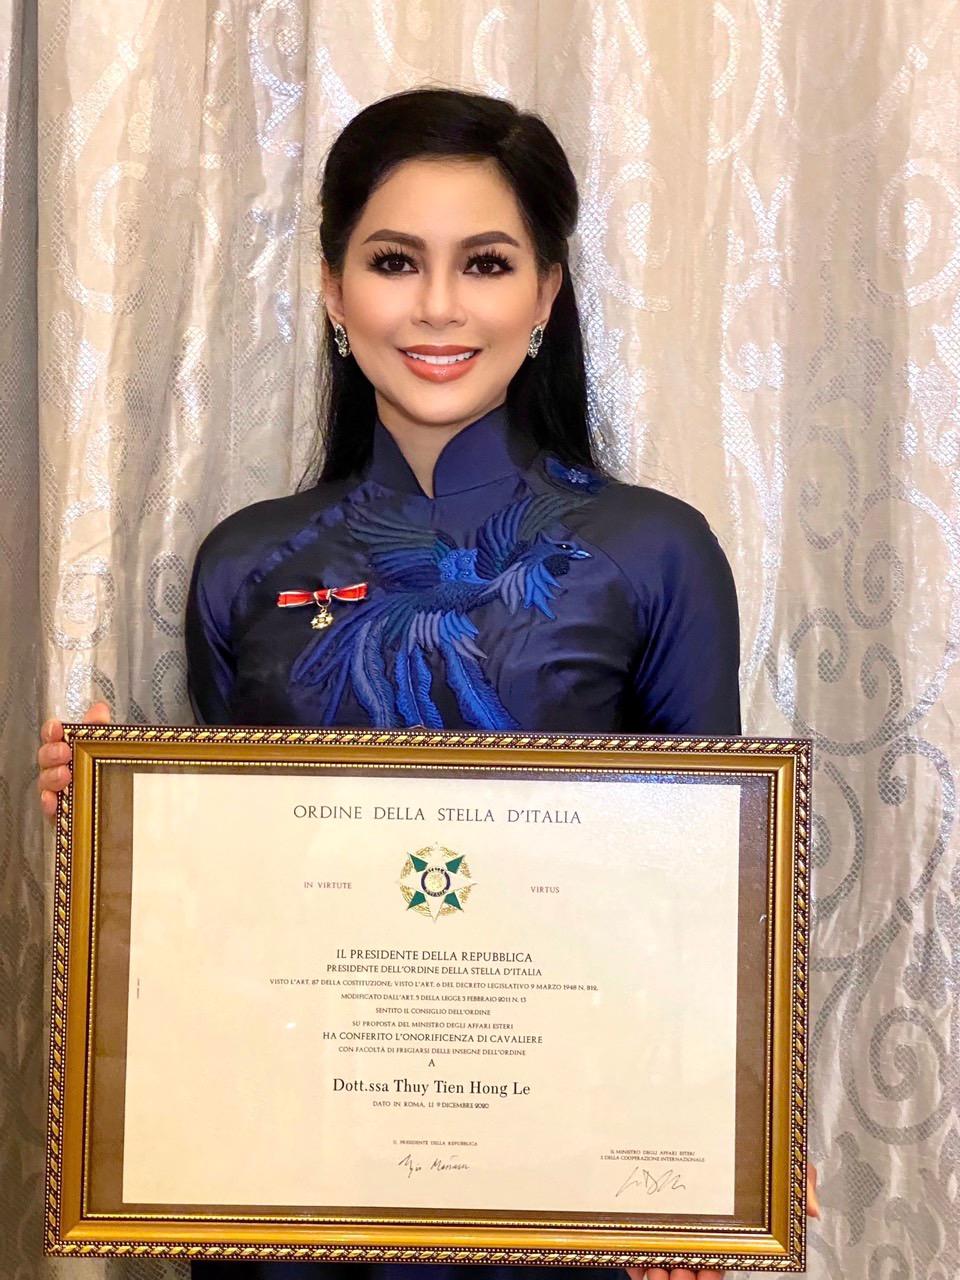 Bà Lê Hồng Thuỷ Tiên nhận